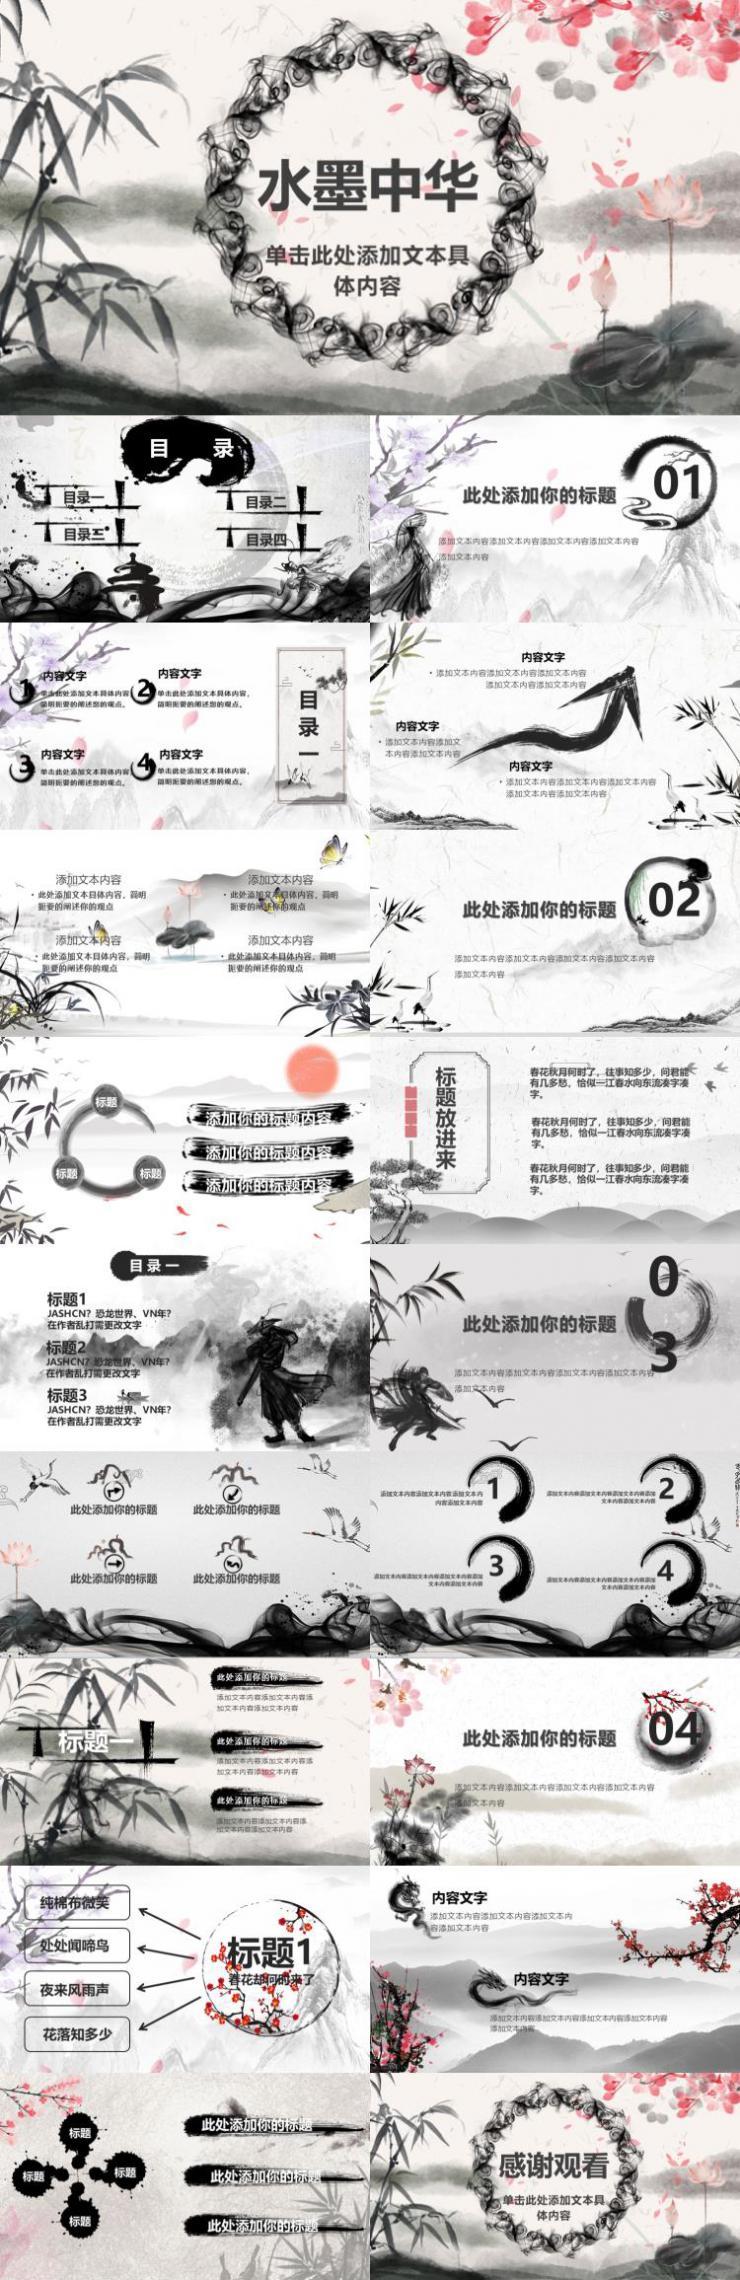 雅致古风水墨中国风黑白ppt模板